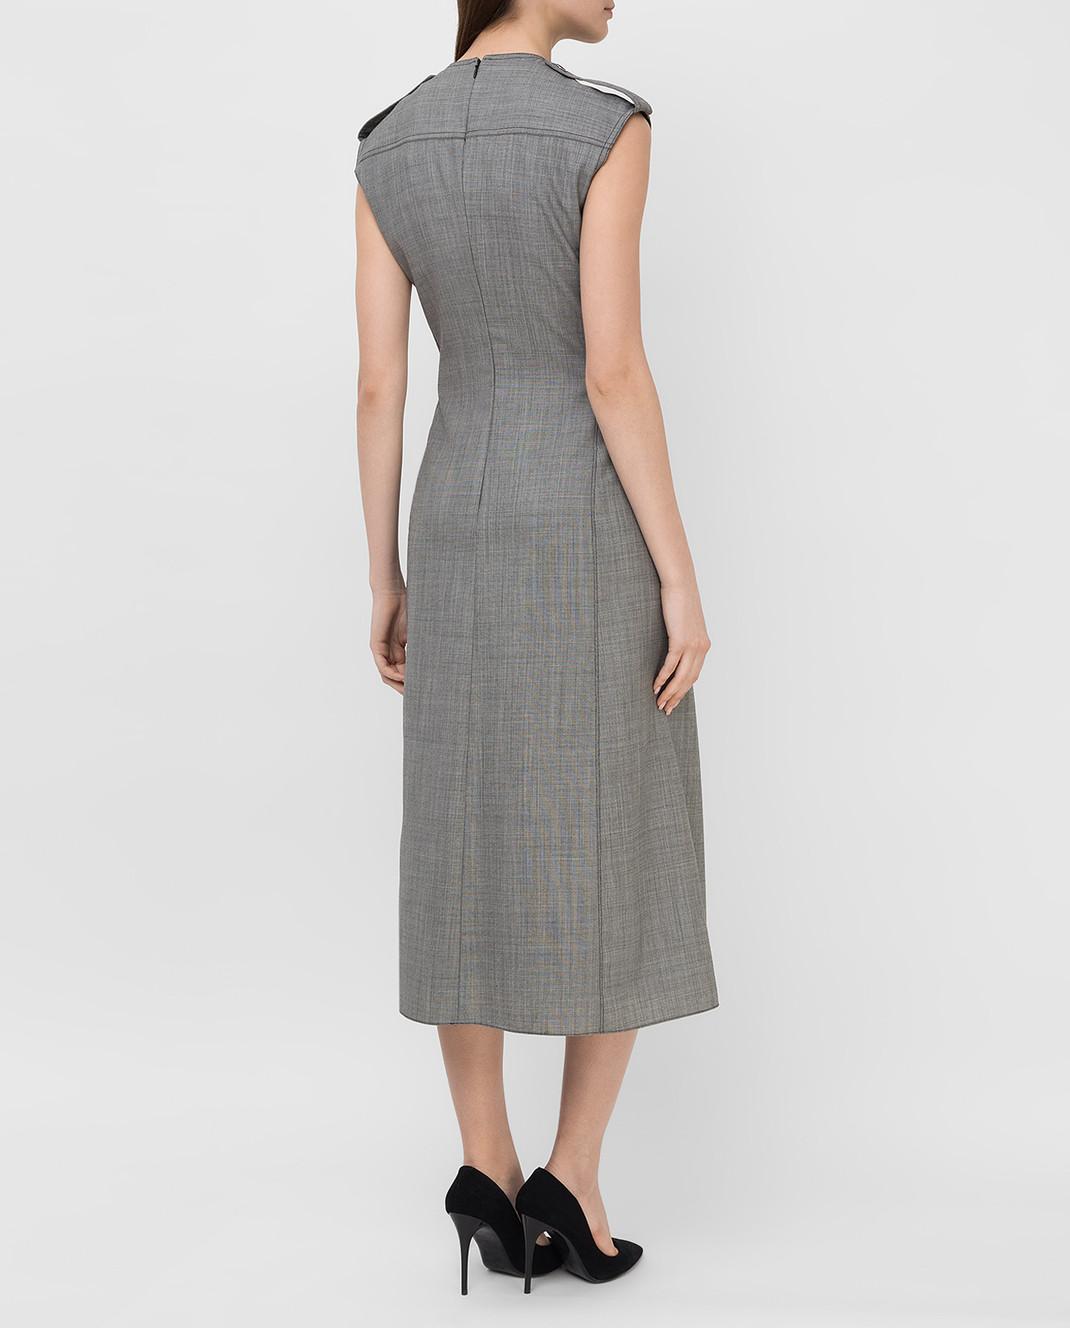 Victoria Beckham Серое платье из шерсти DRMID6602 изображение 4